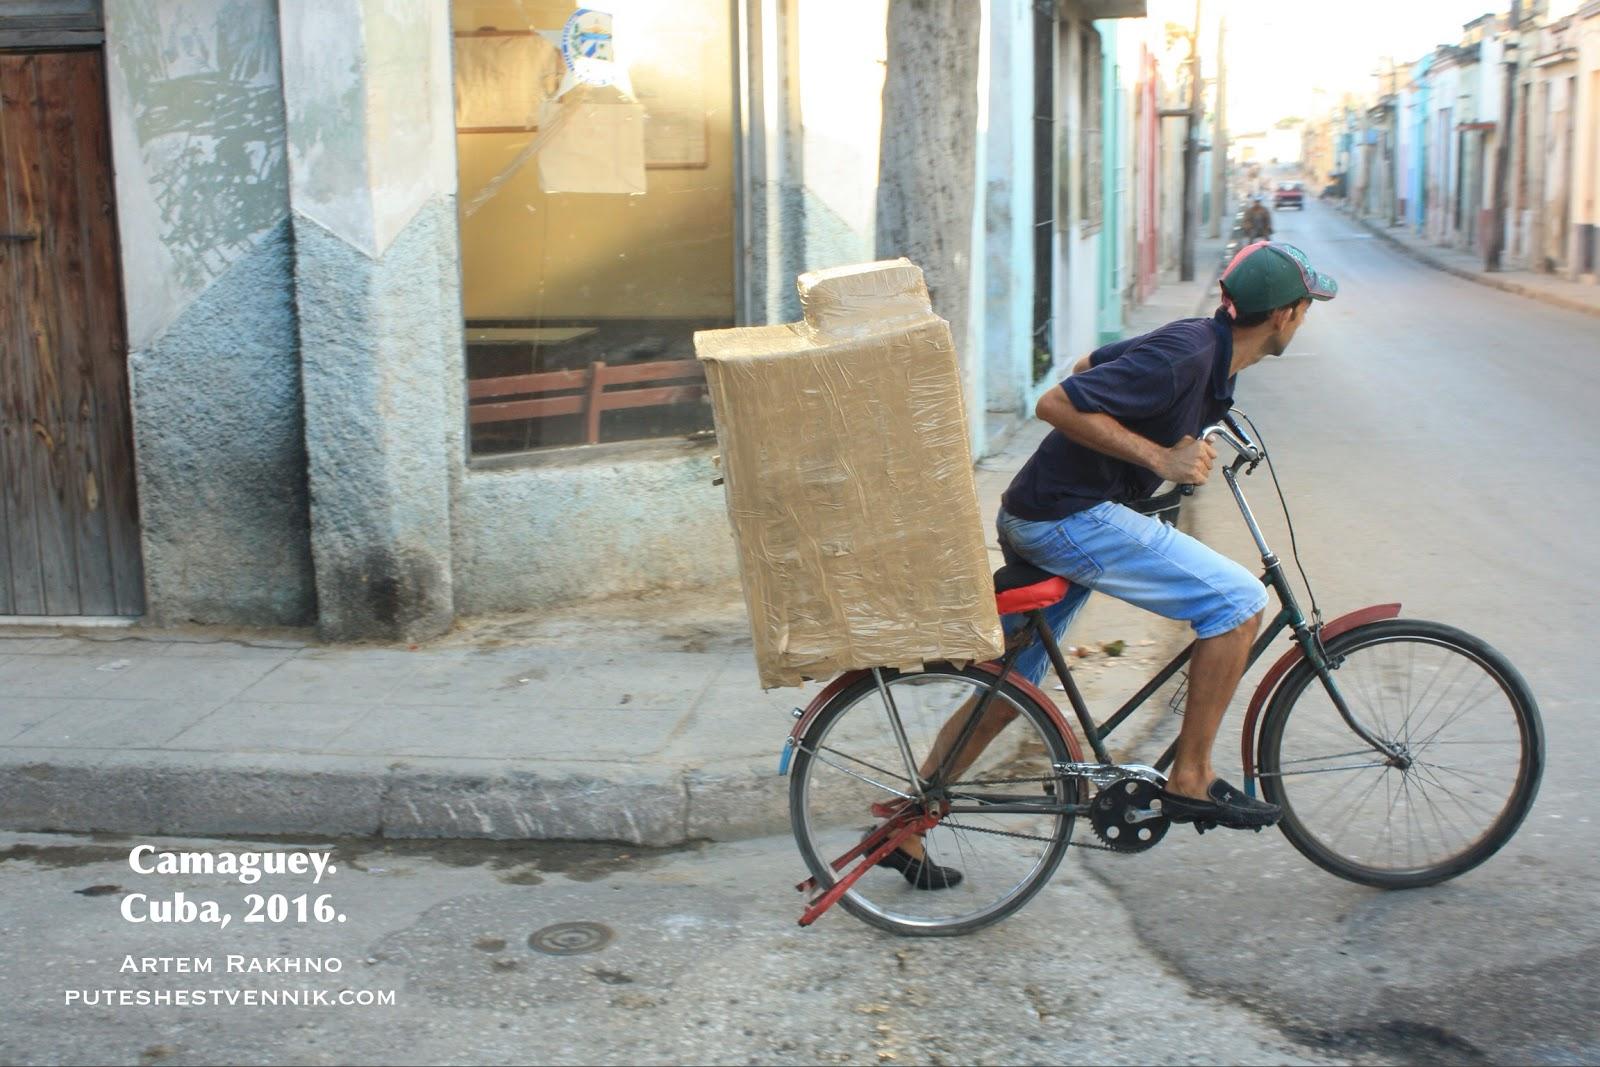 Кубинец развозит хлеб на велосипеде